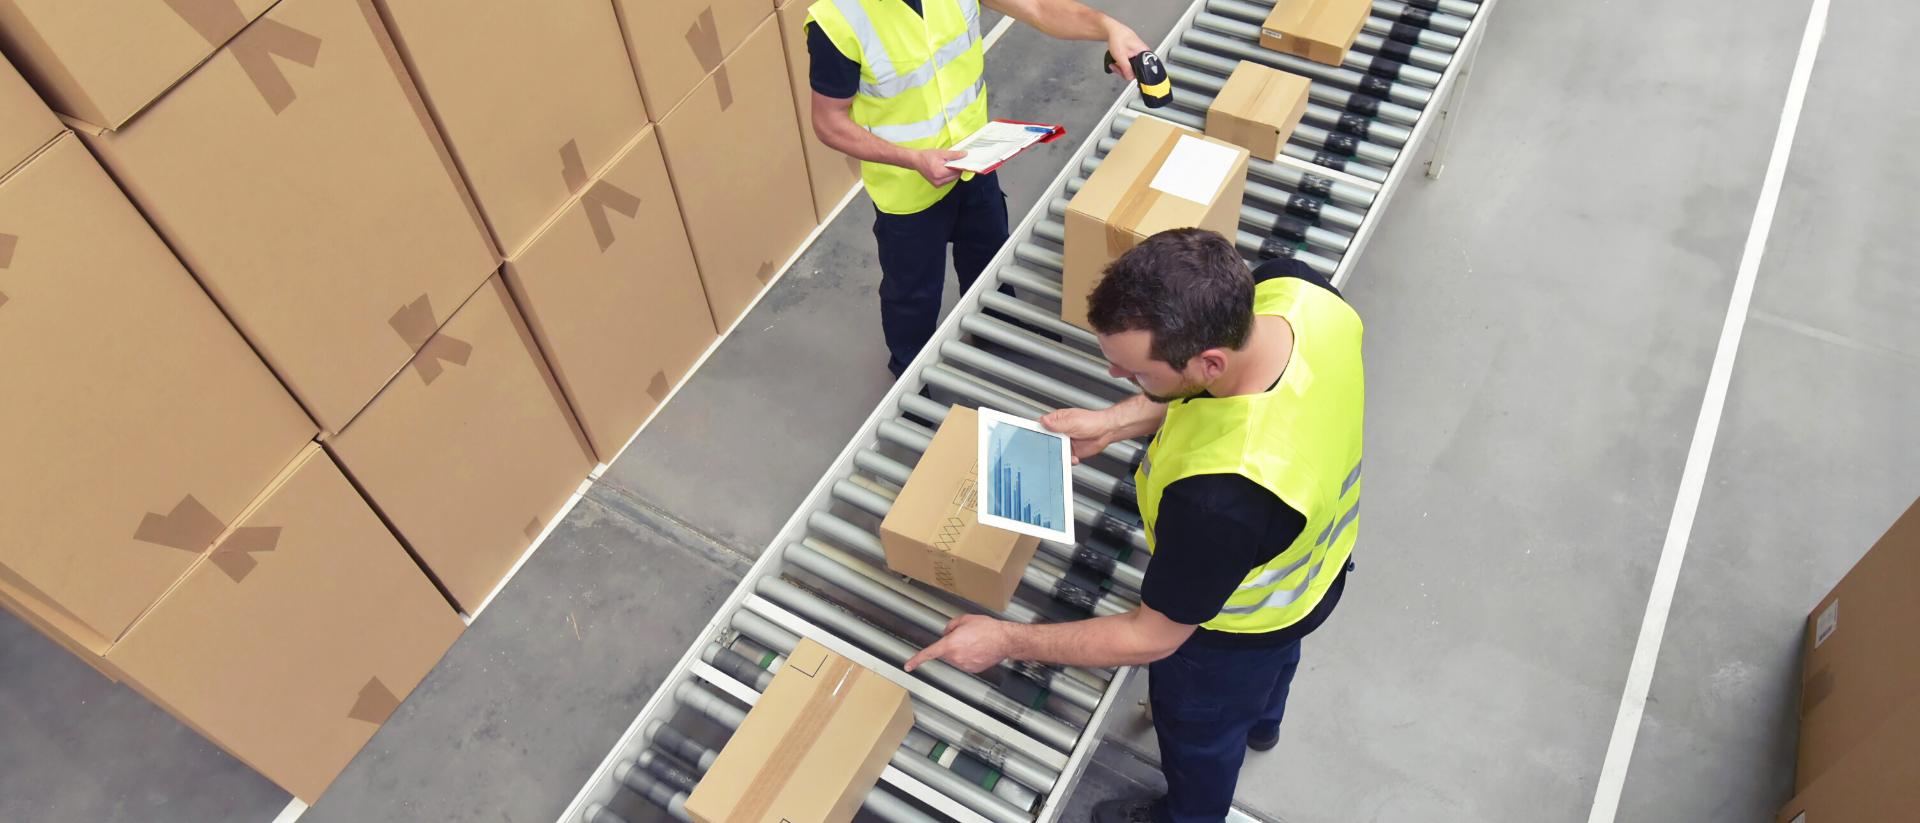 warehousing-manufacturing-jobs